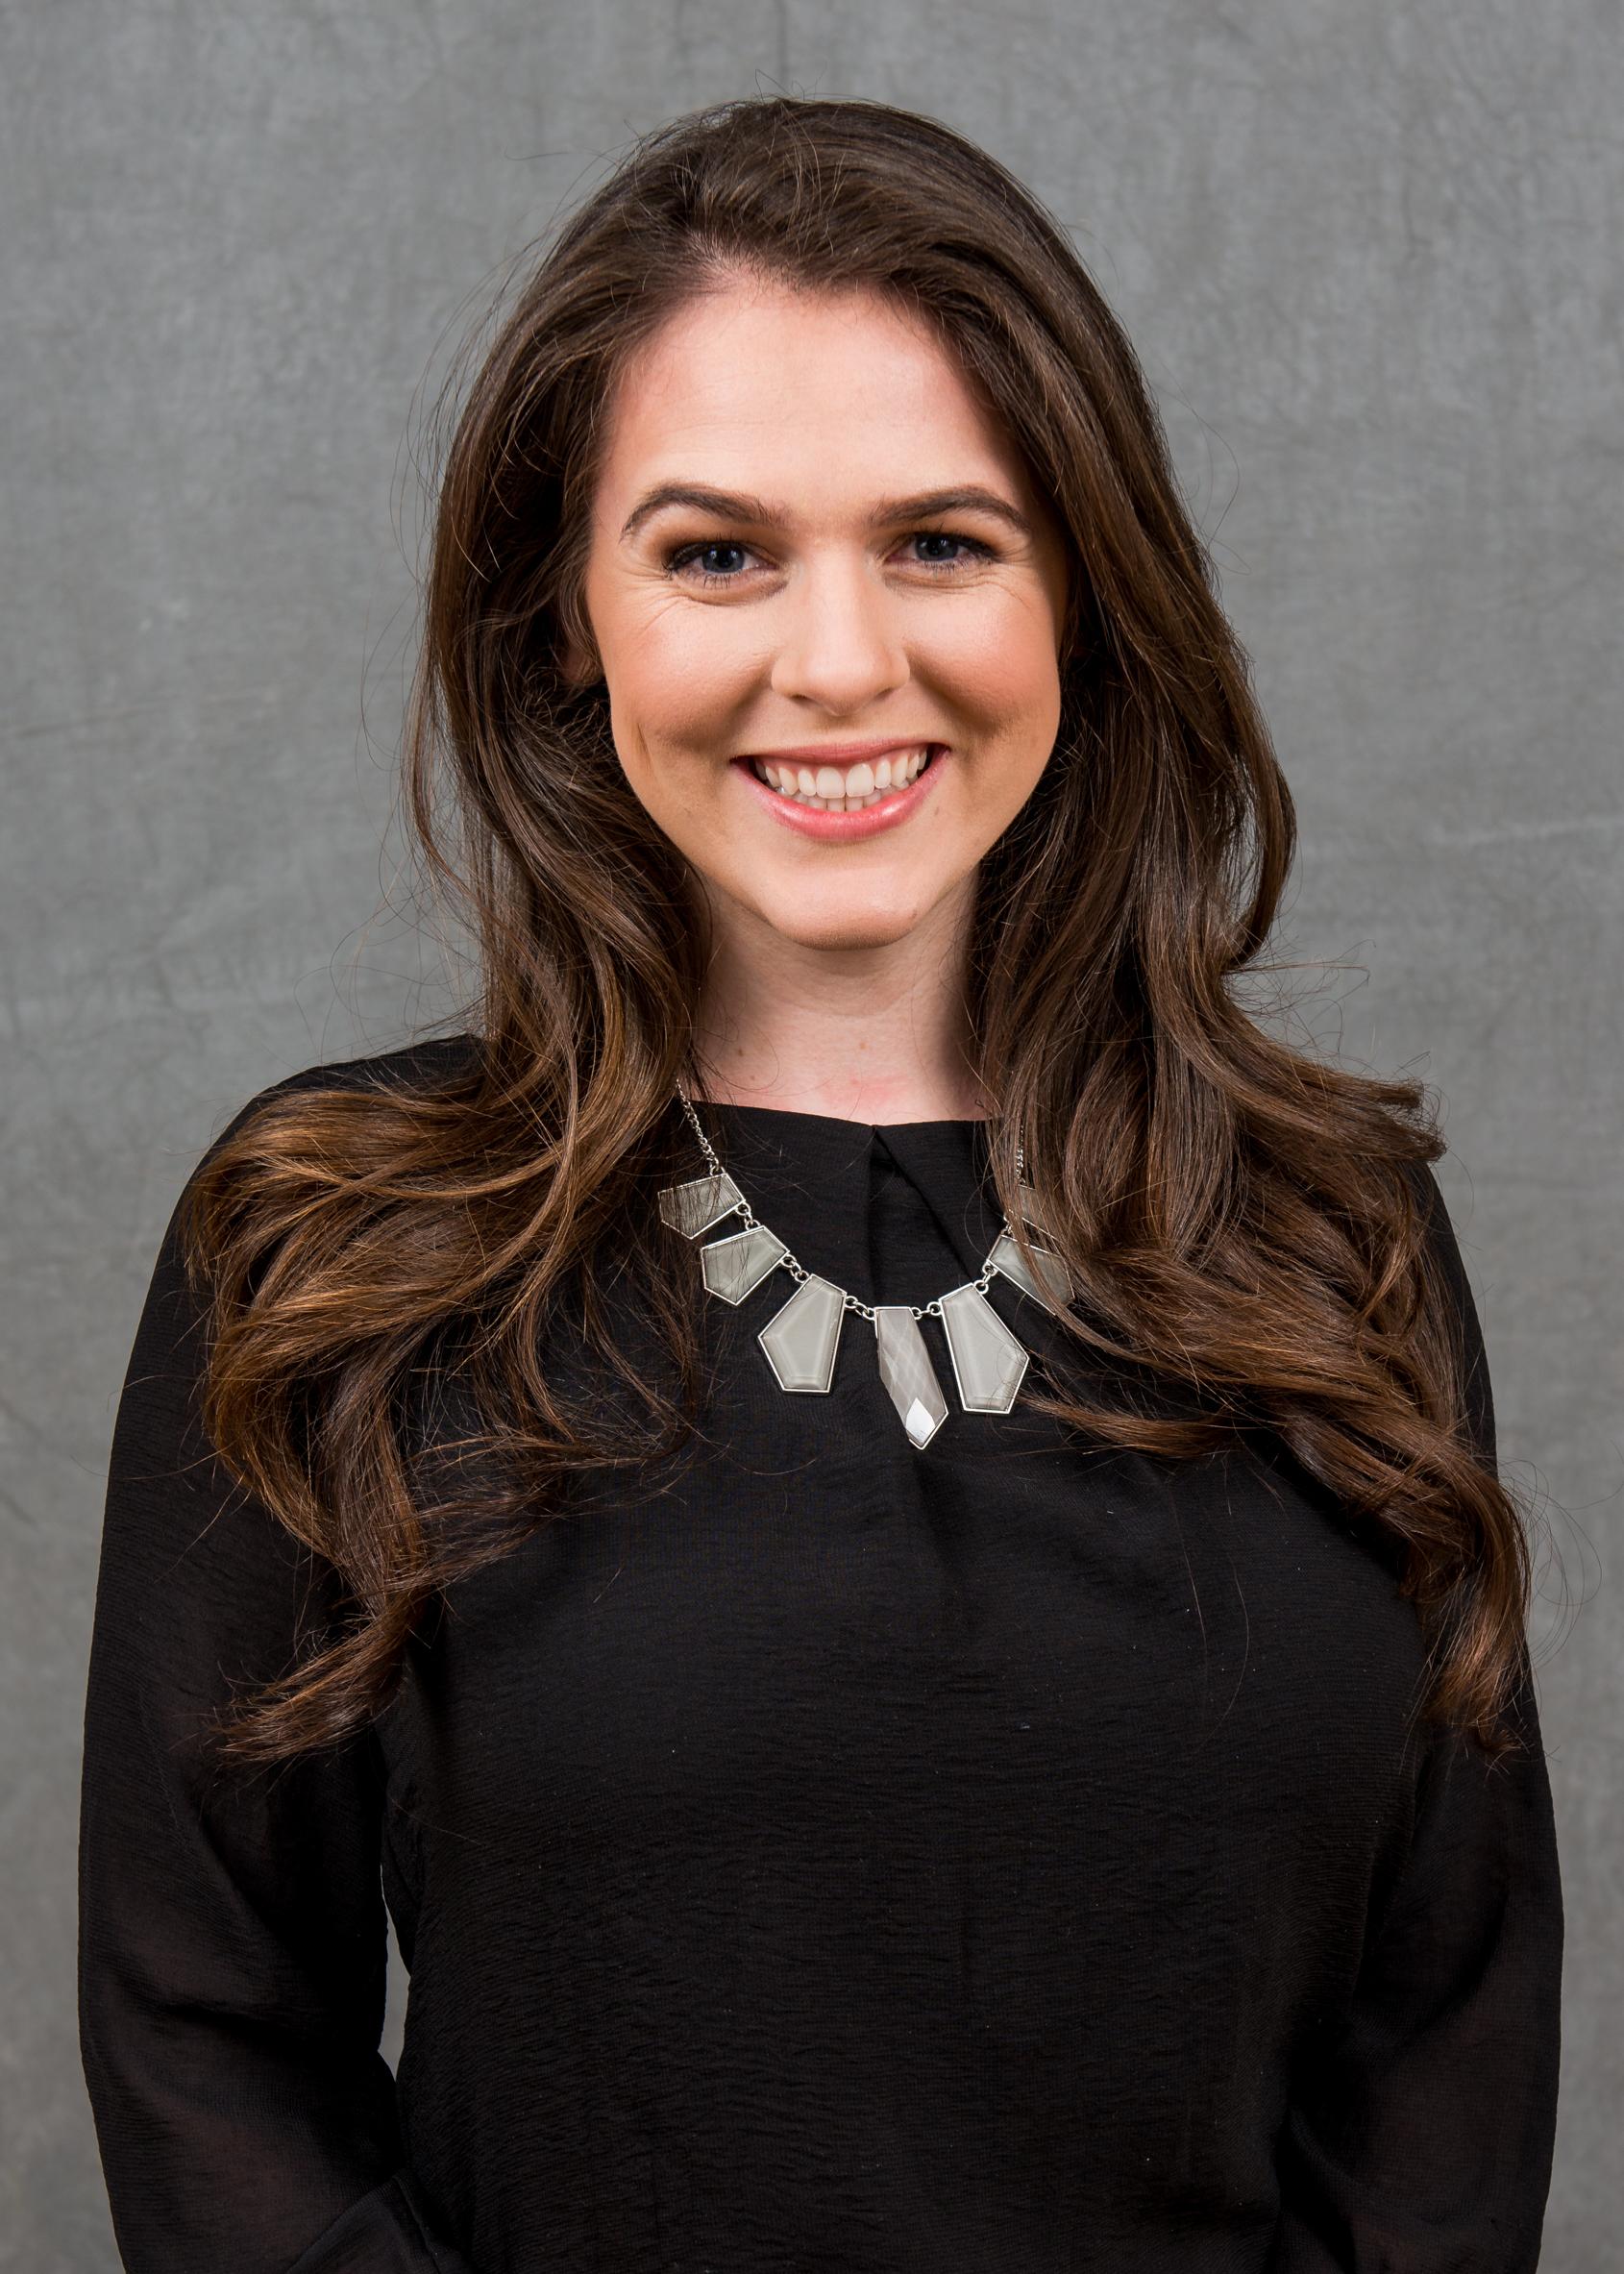 Victoria Harris